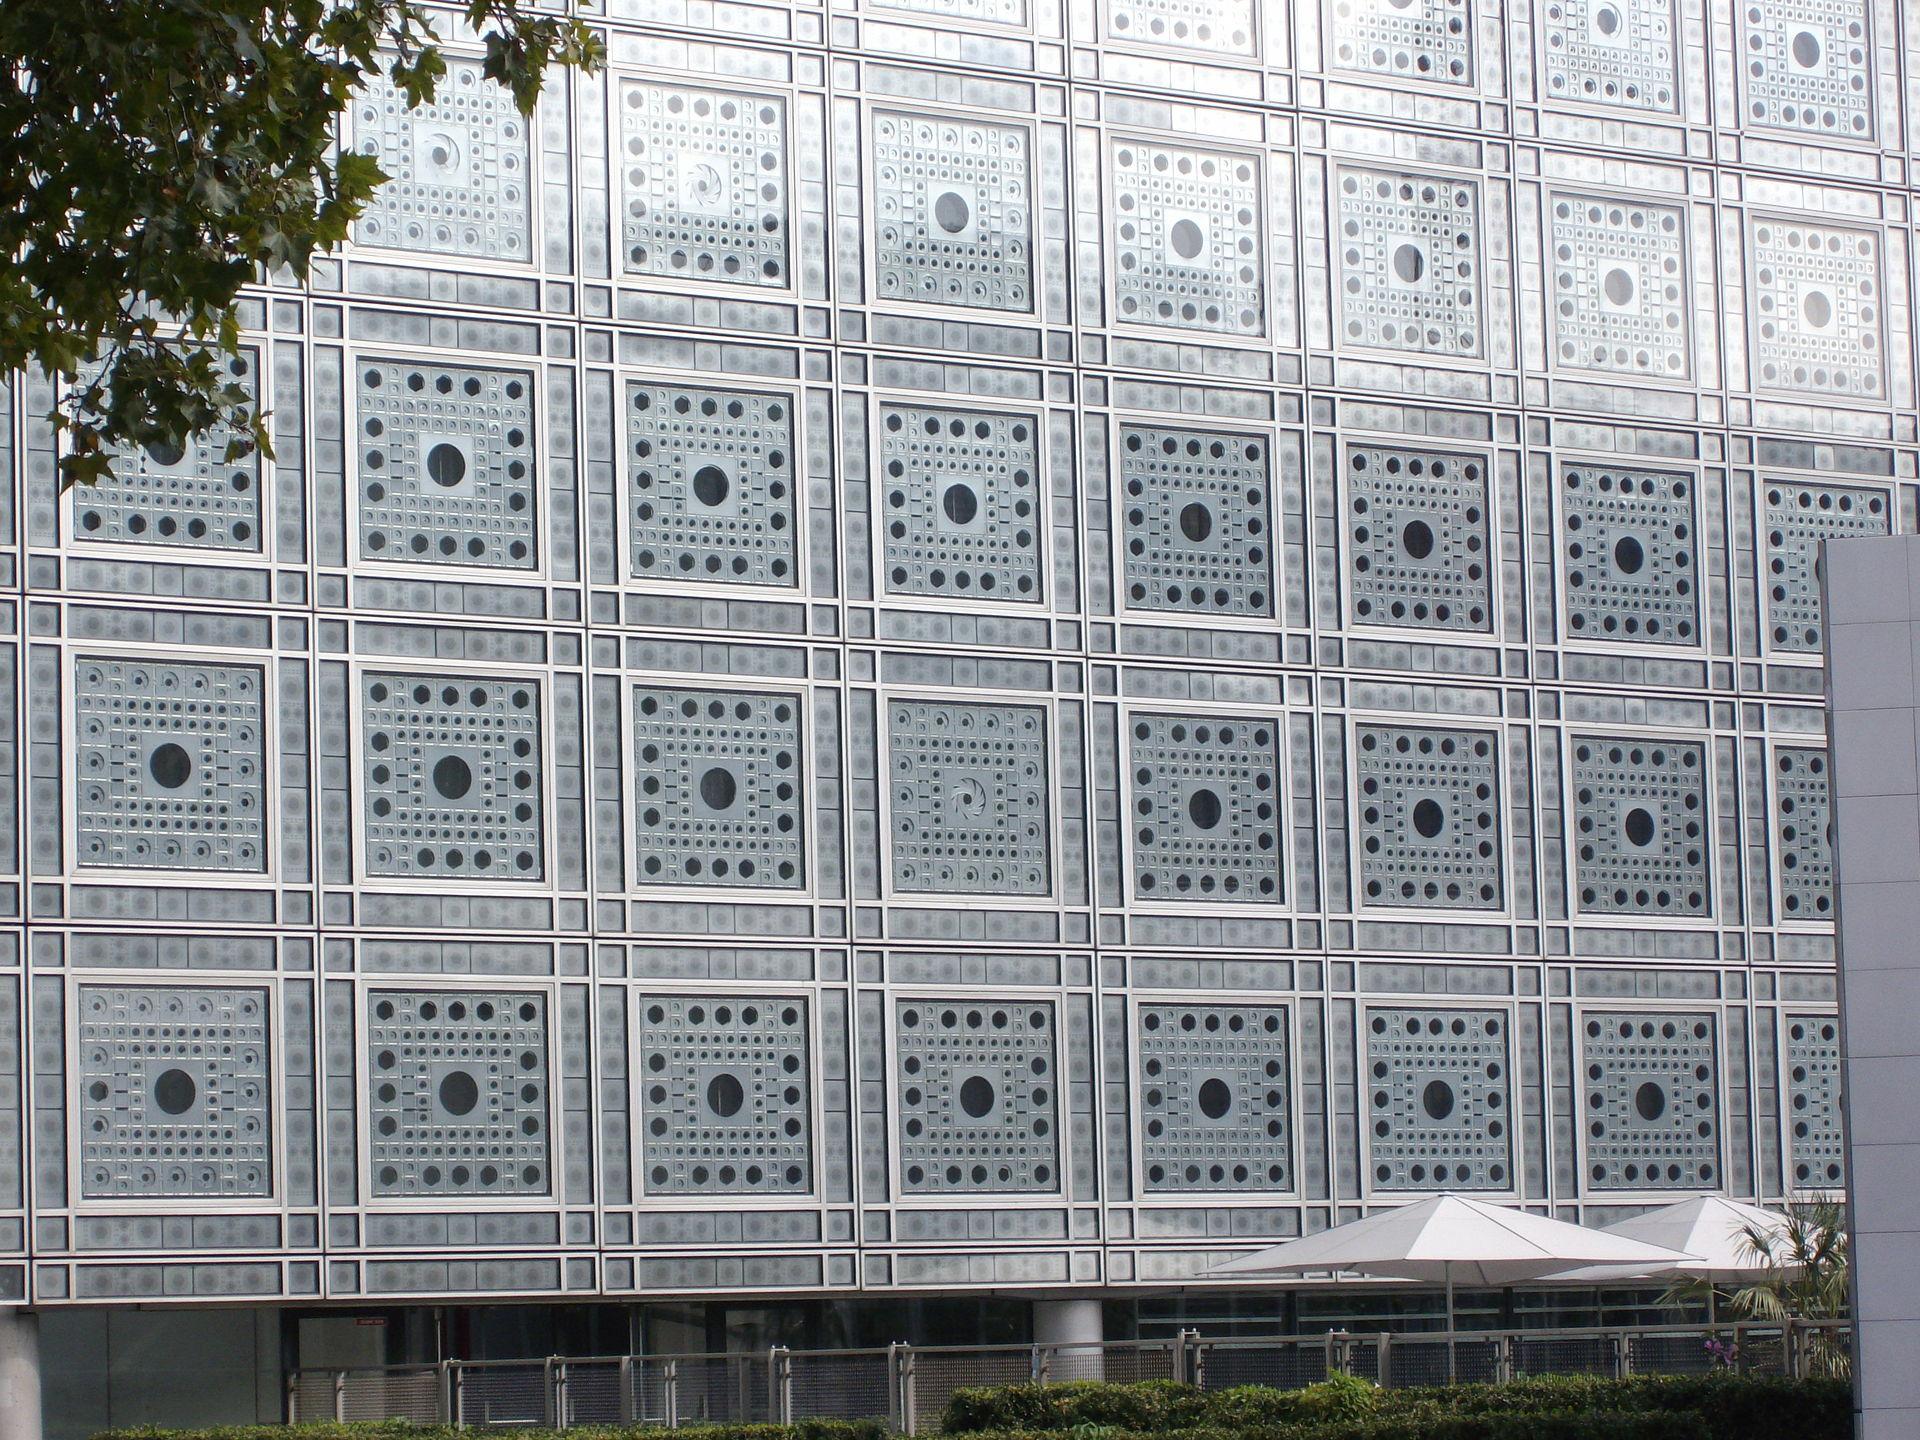 el Centro Árabe de París. HIGH-TECH ARCHITECTURE.